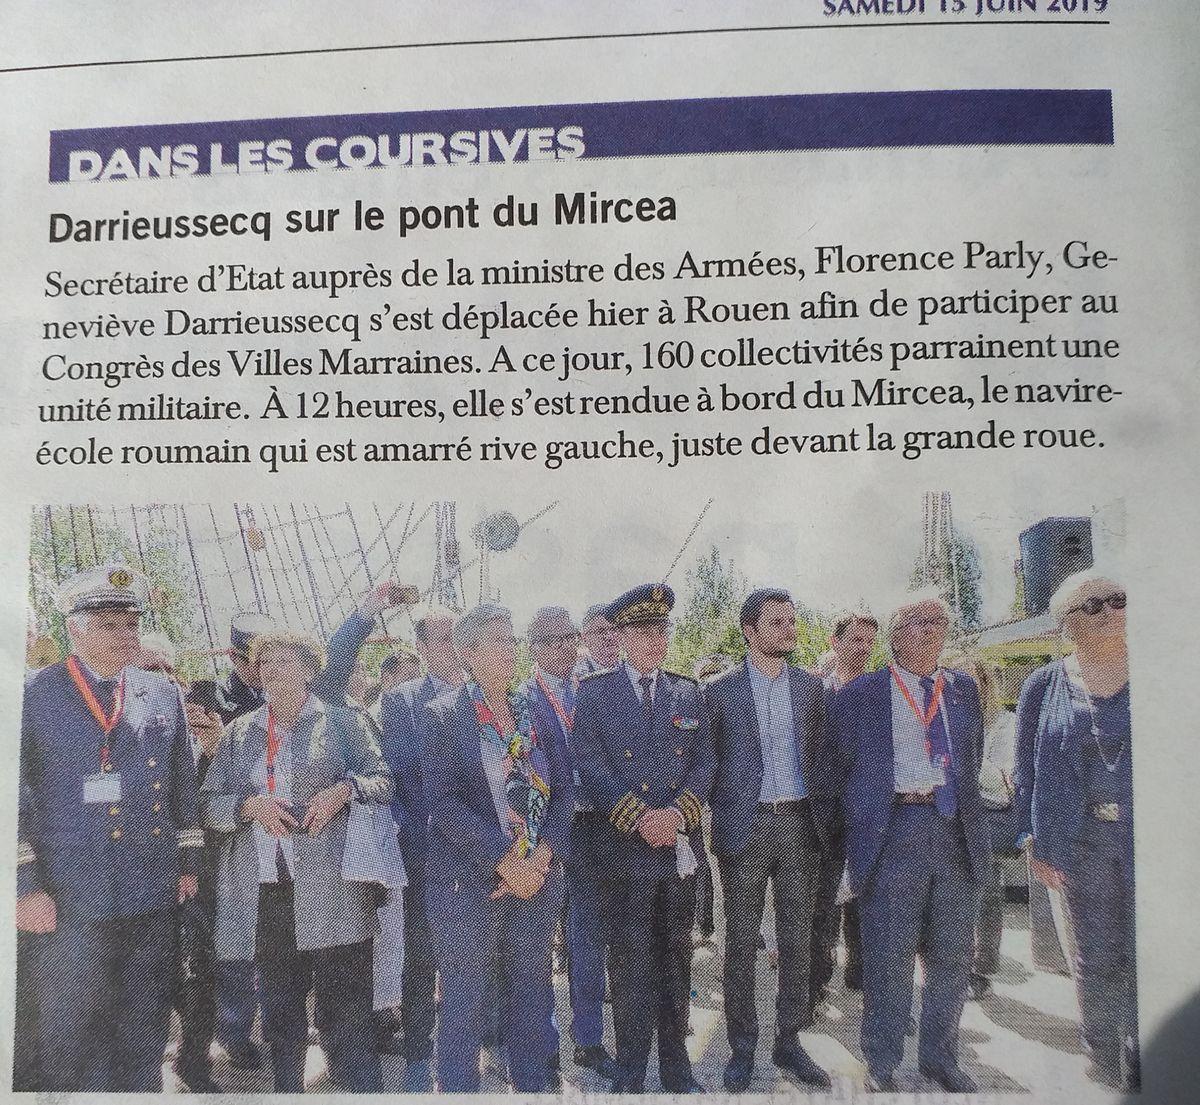 [Les traditions dans la Marine] Les Villes Marraines - Page 15 25_art10